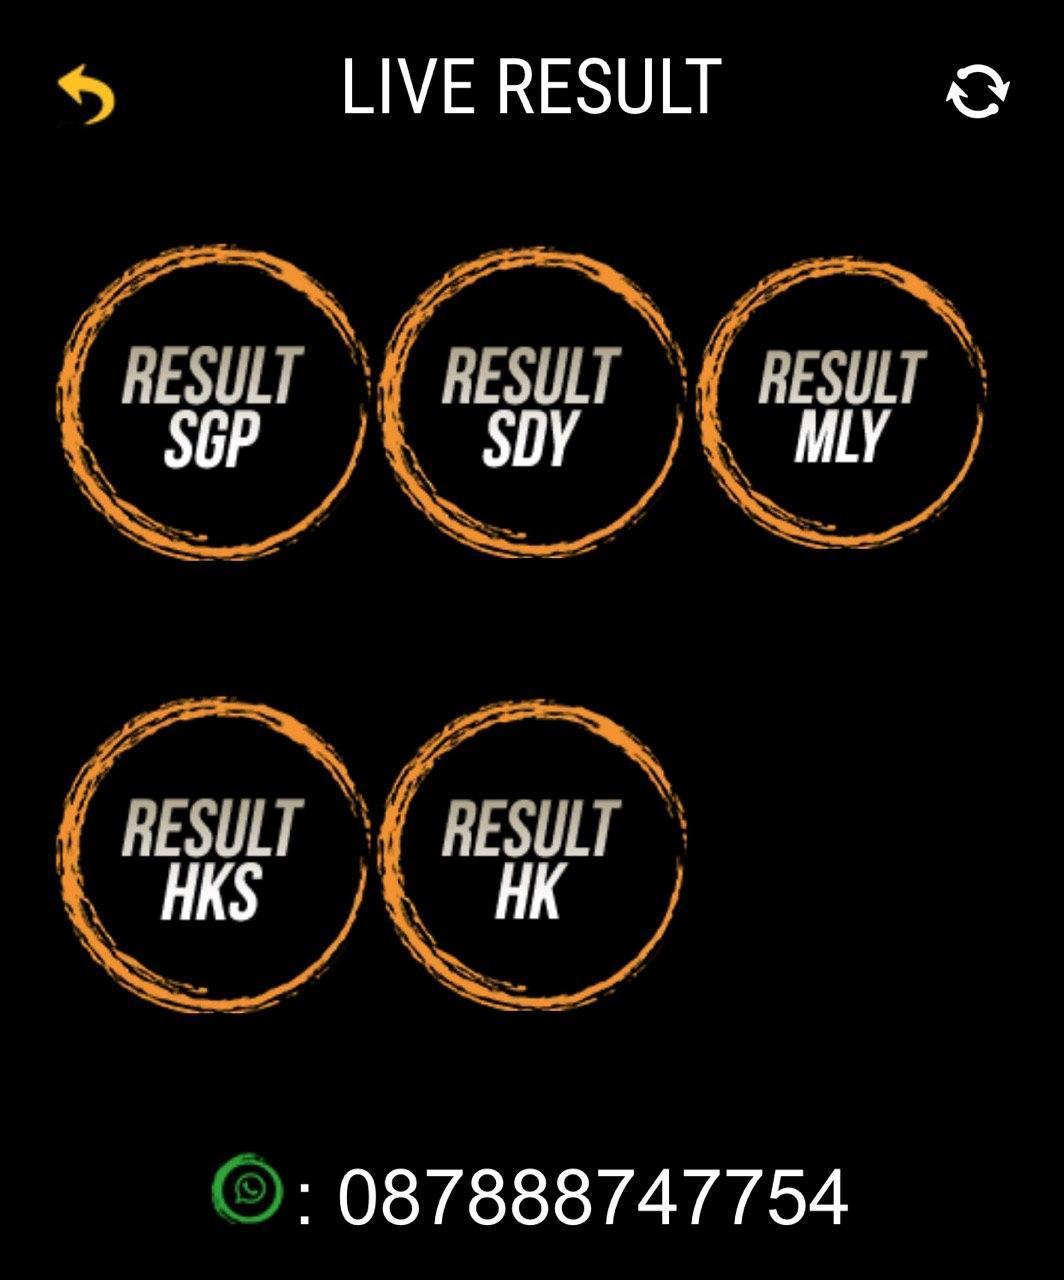 Live result sgp